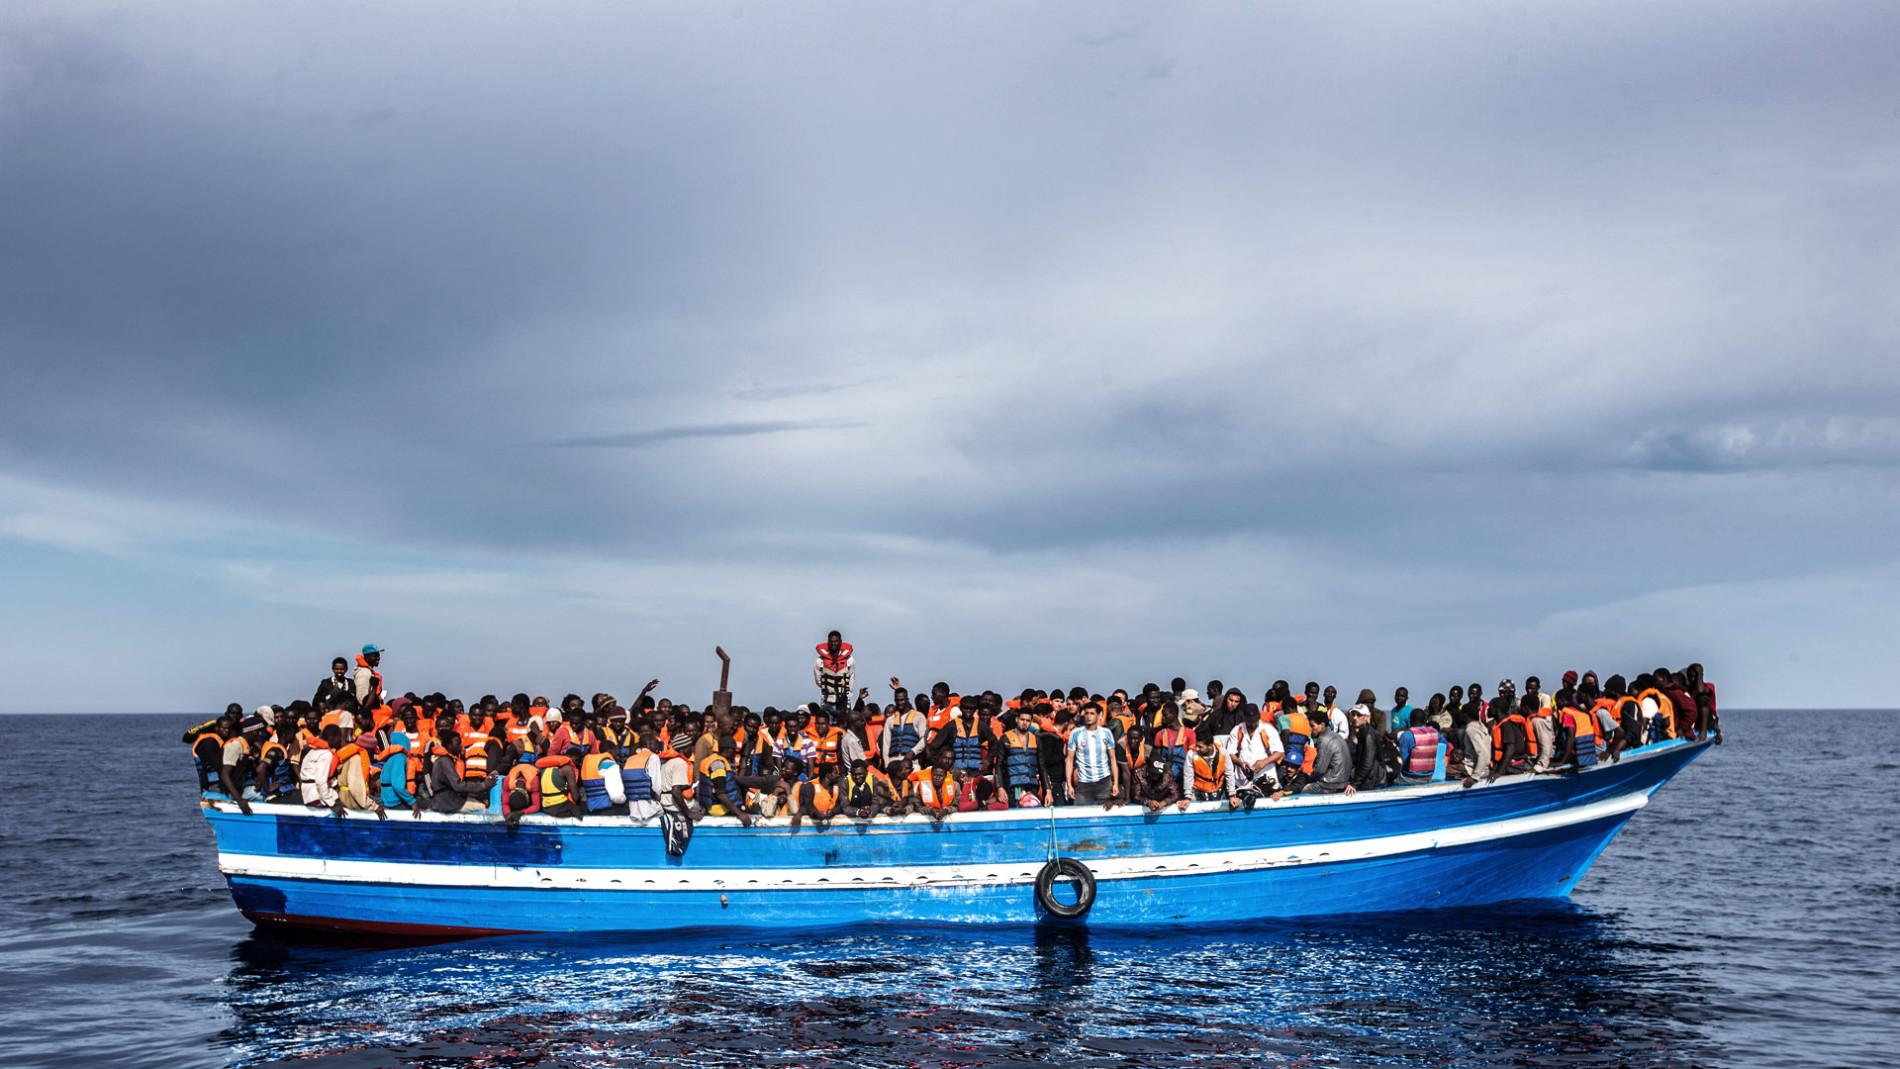 crisi rifugiati 03